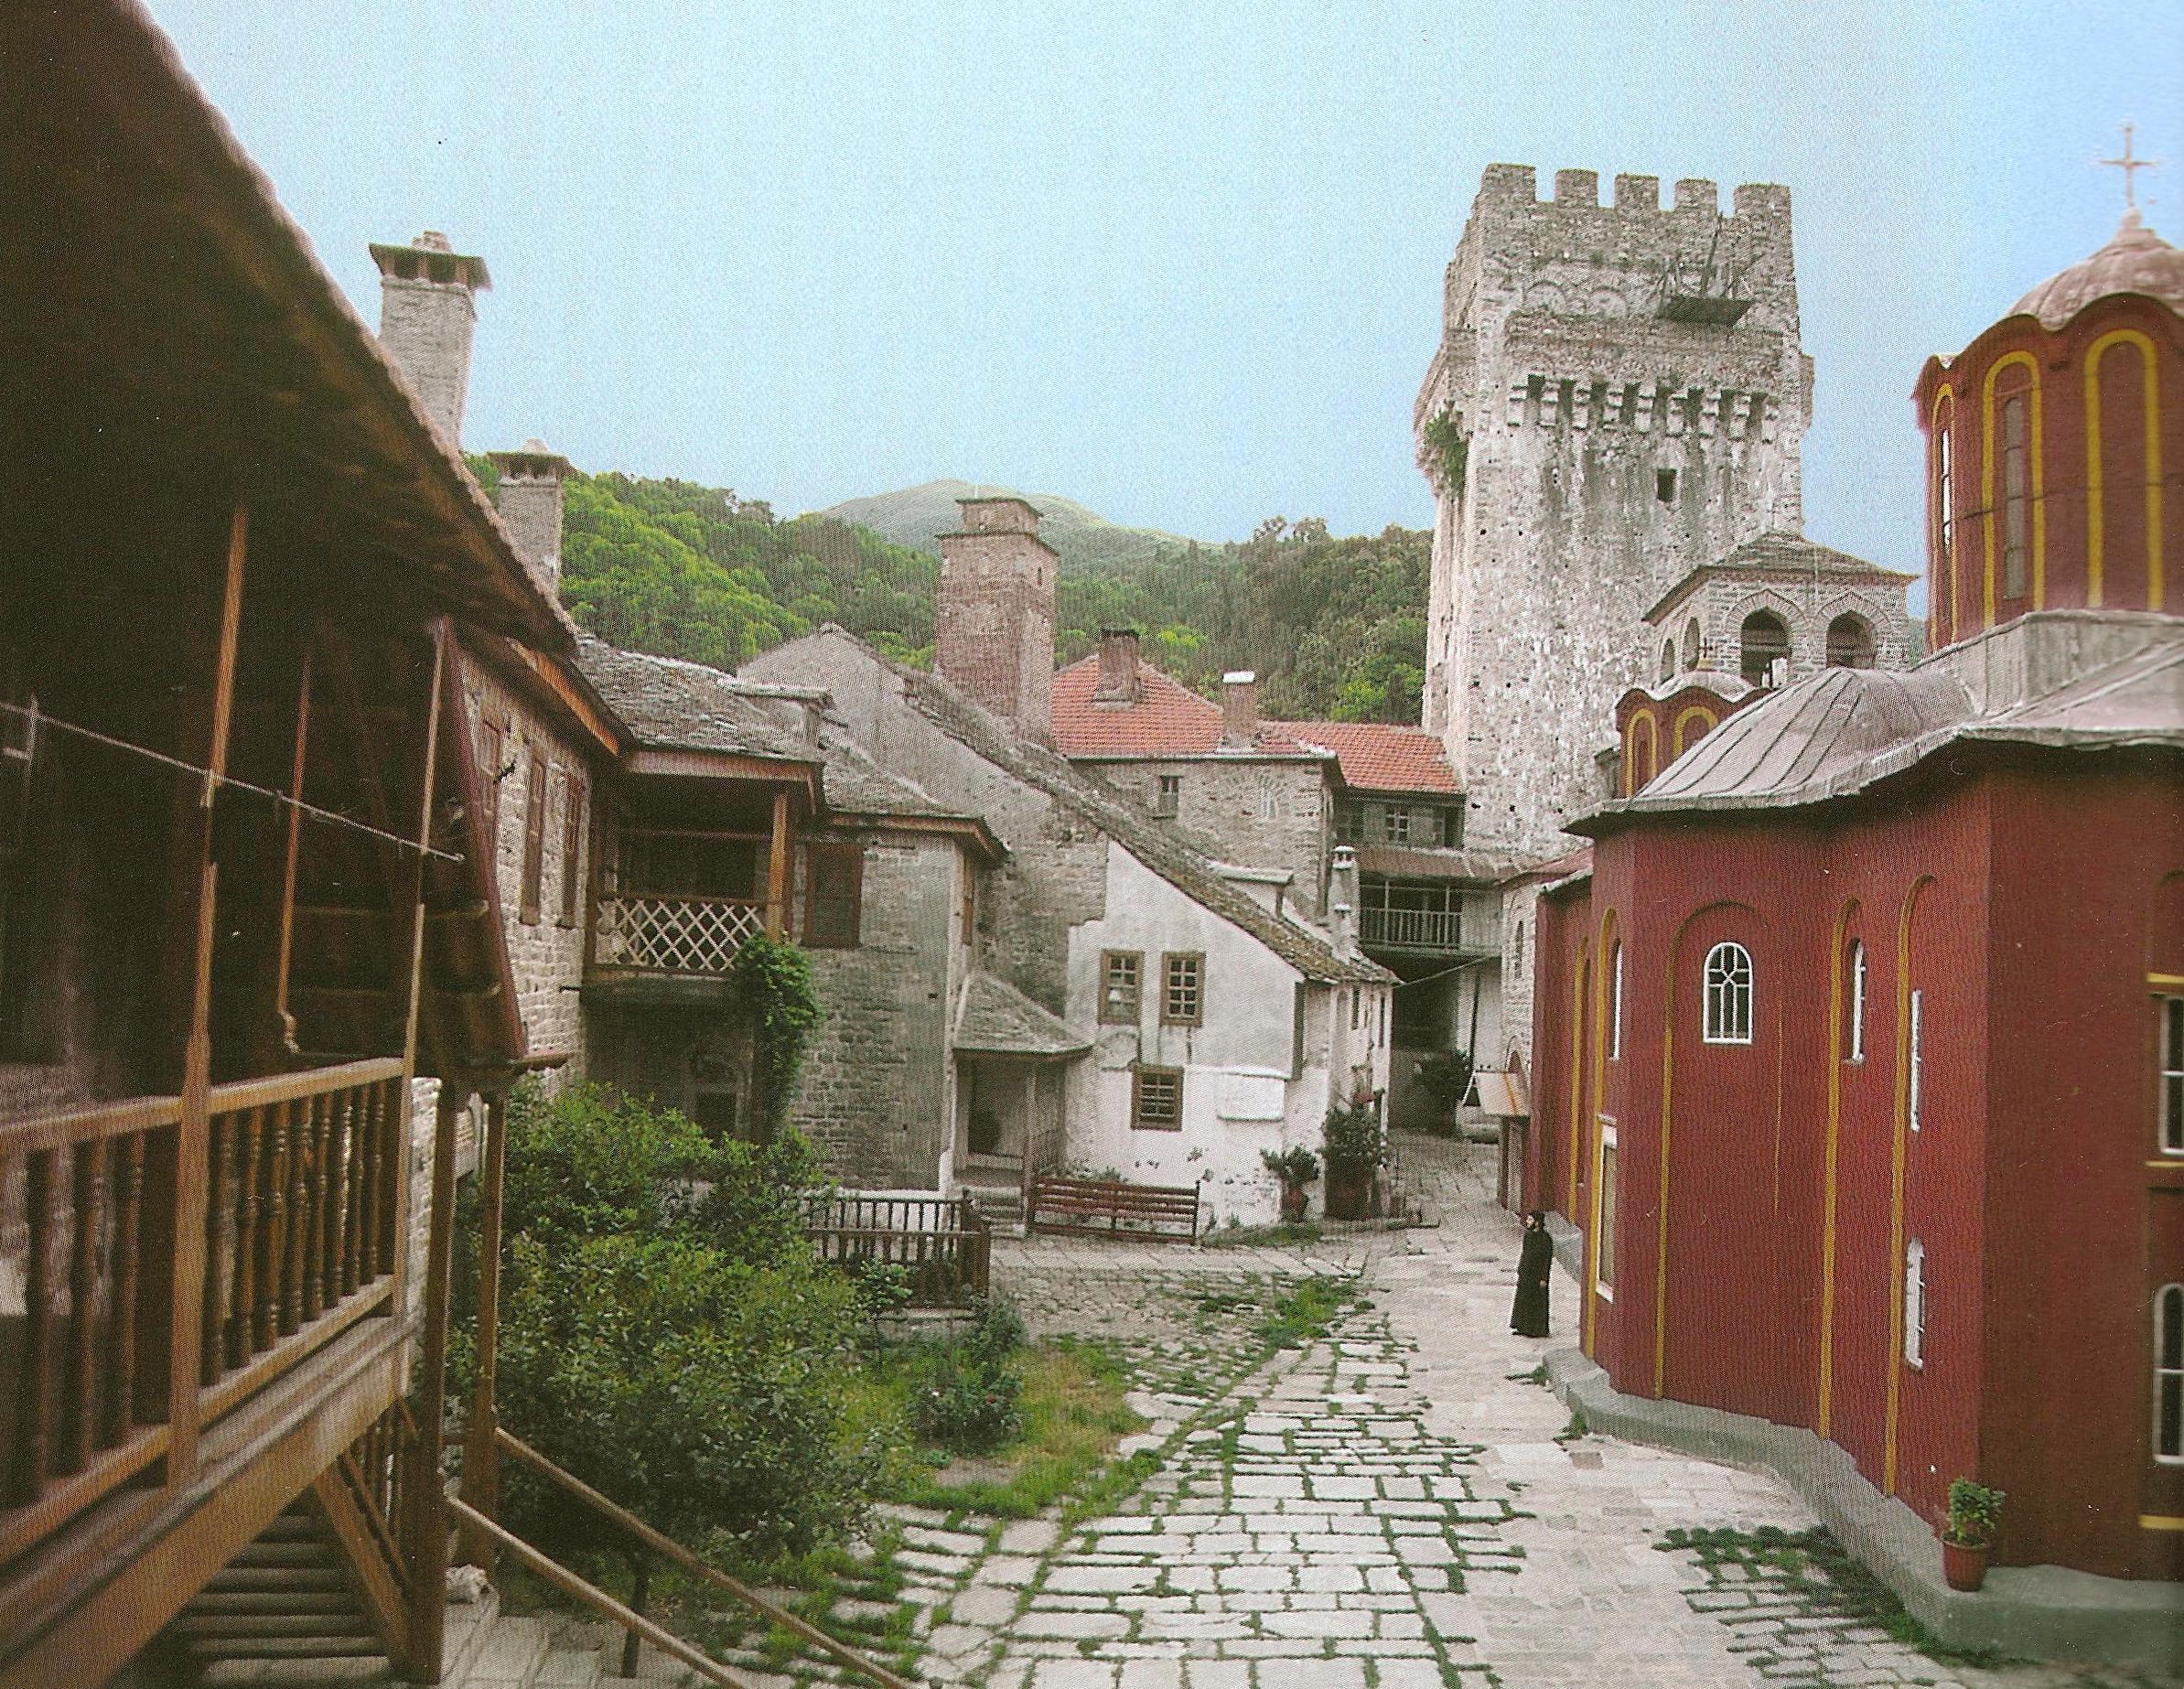 Το καθολικό, το κωδωνοστάσιο, ο πύργος και η νότια κόρδα. The katholikon, the bell-tower, the tower and the south range.